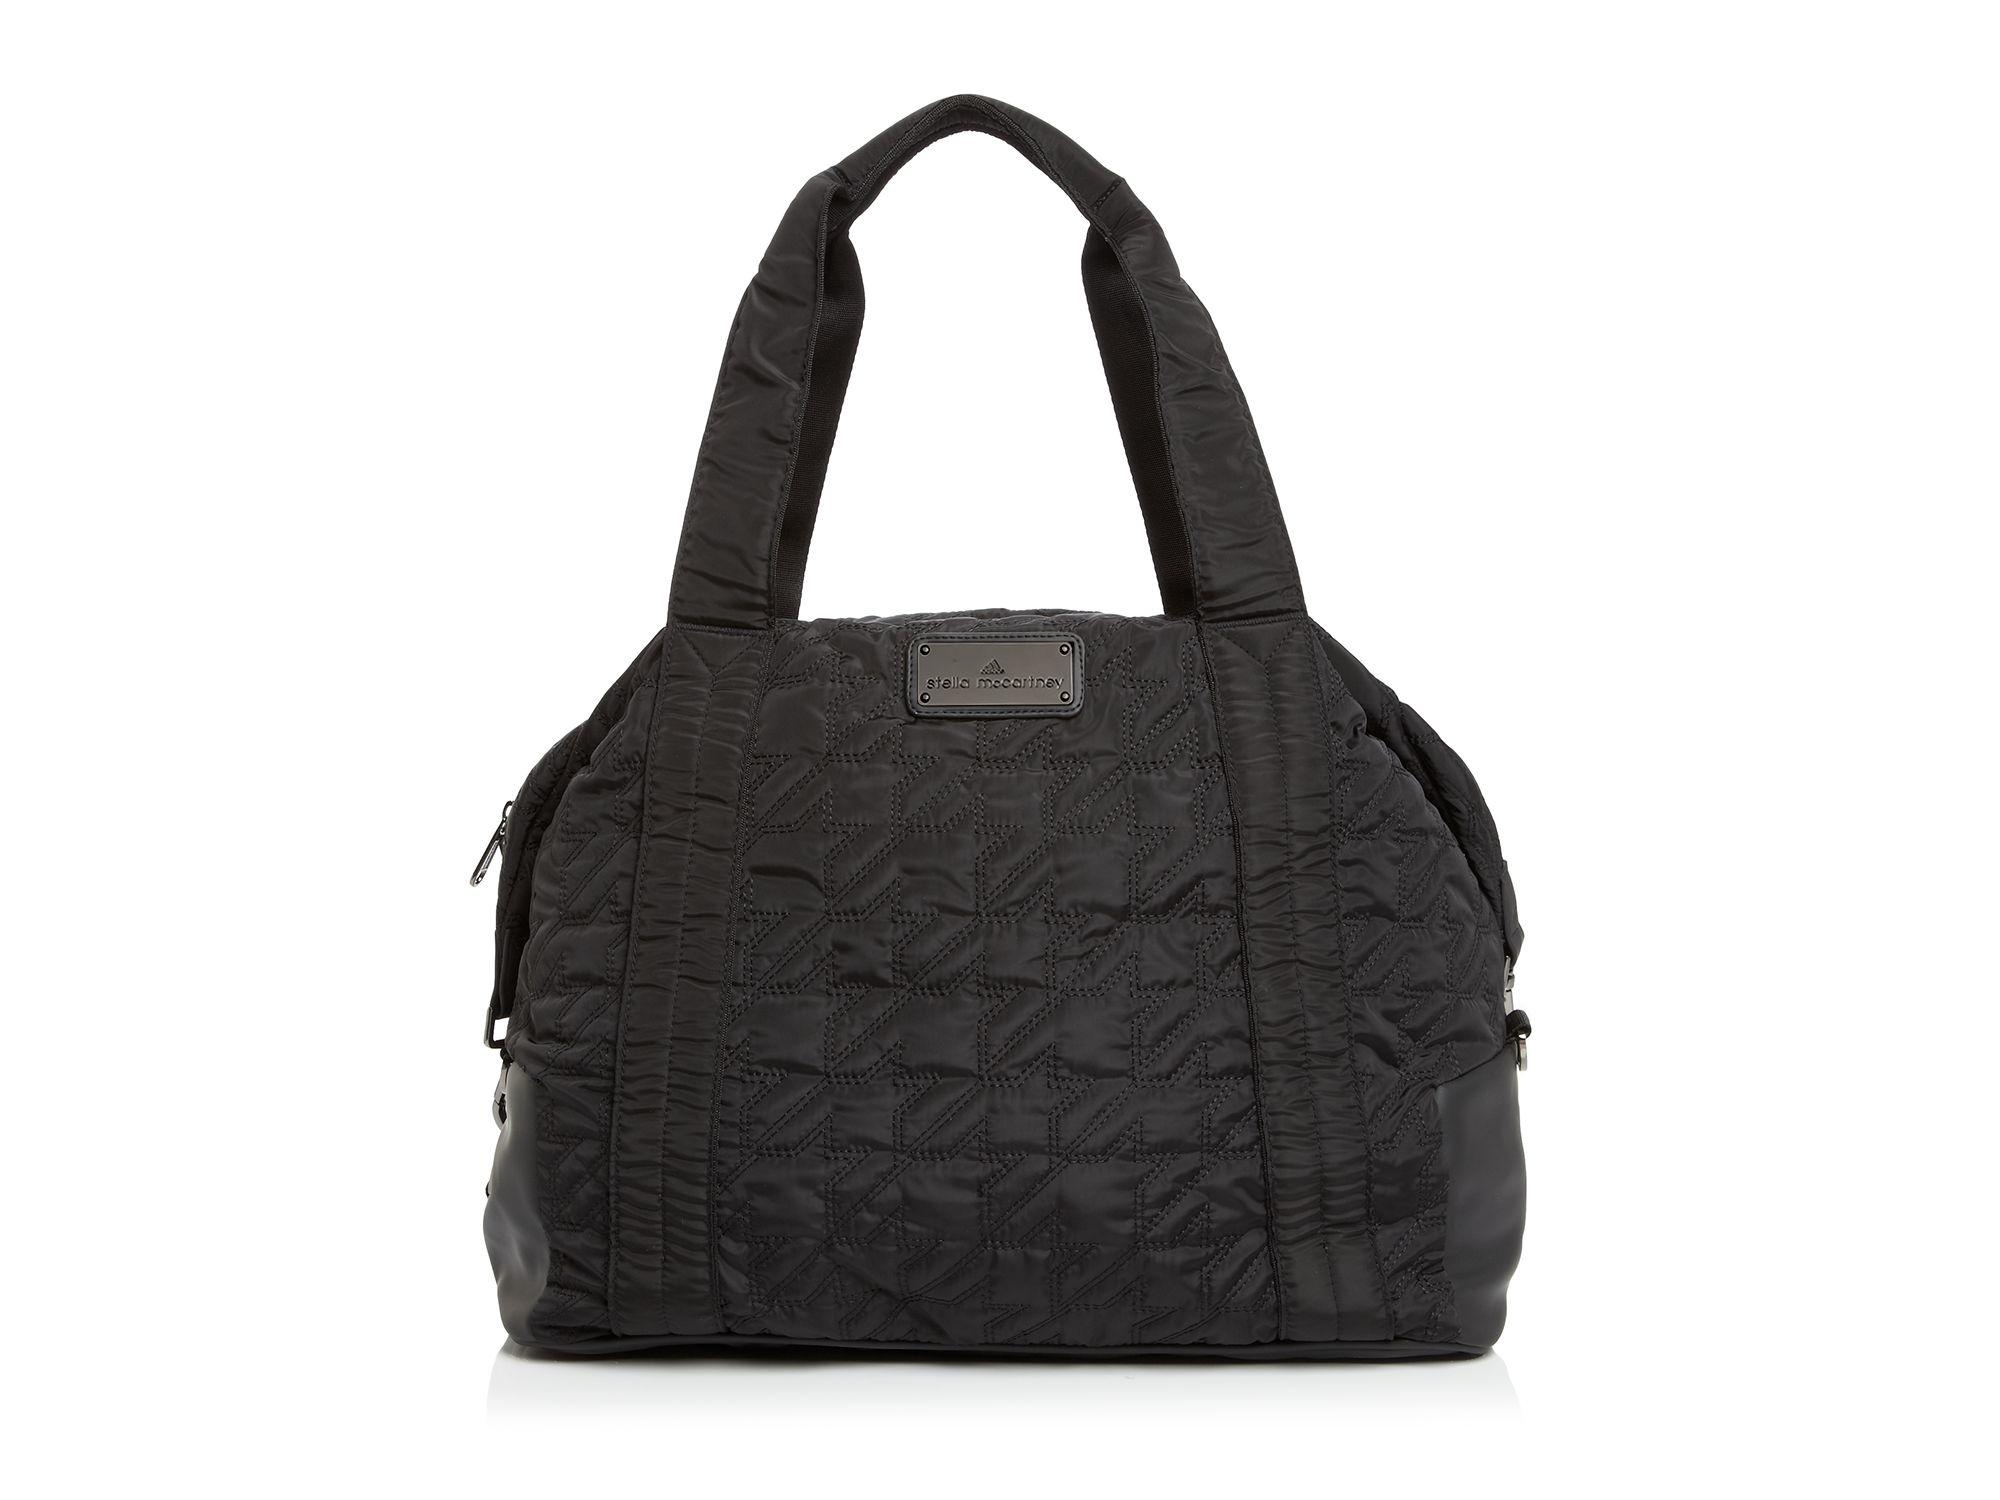 adidas By Stella McCartney Tote - Big Gym Bag in Black - Lyst